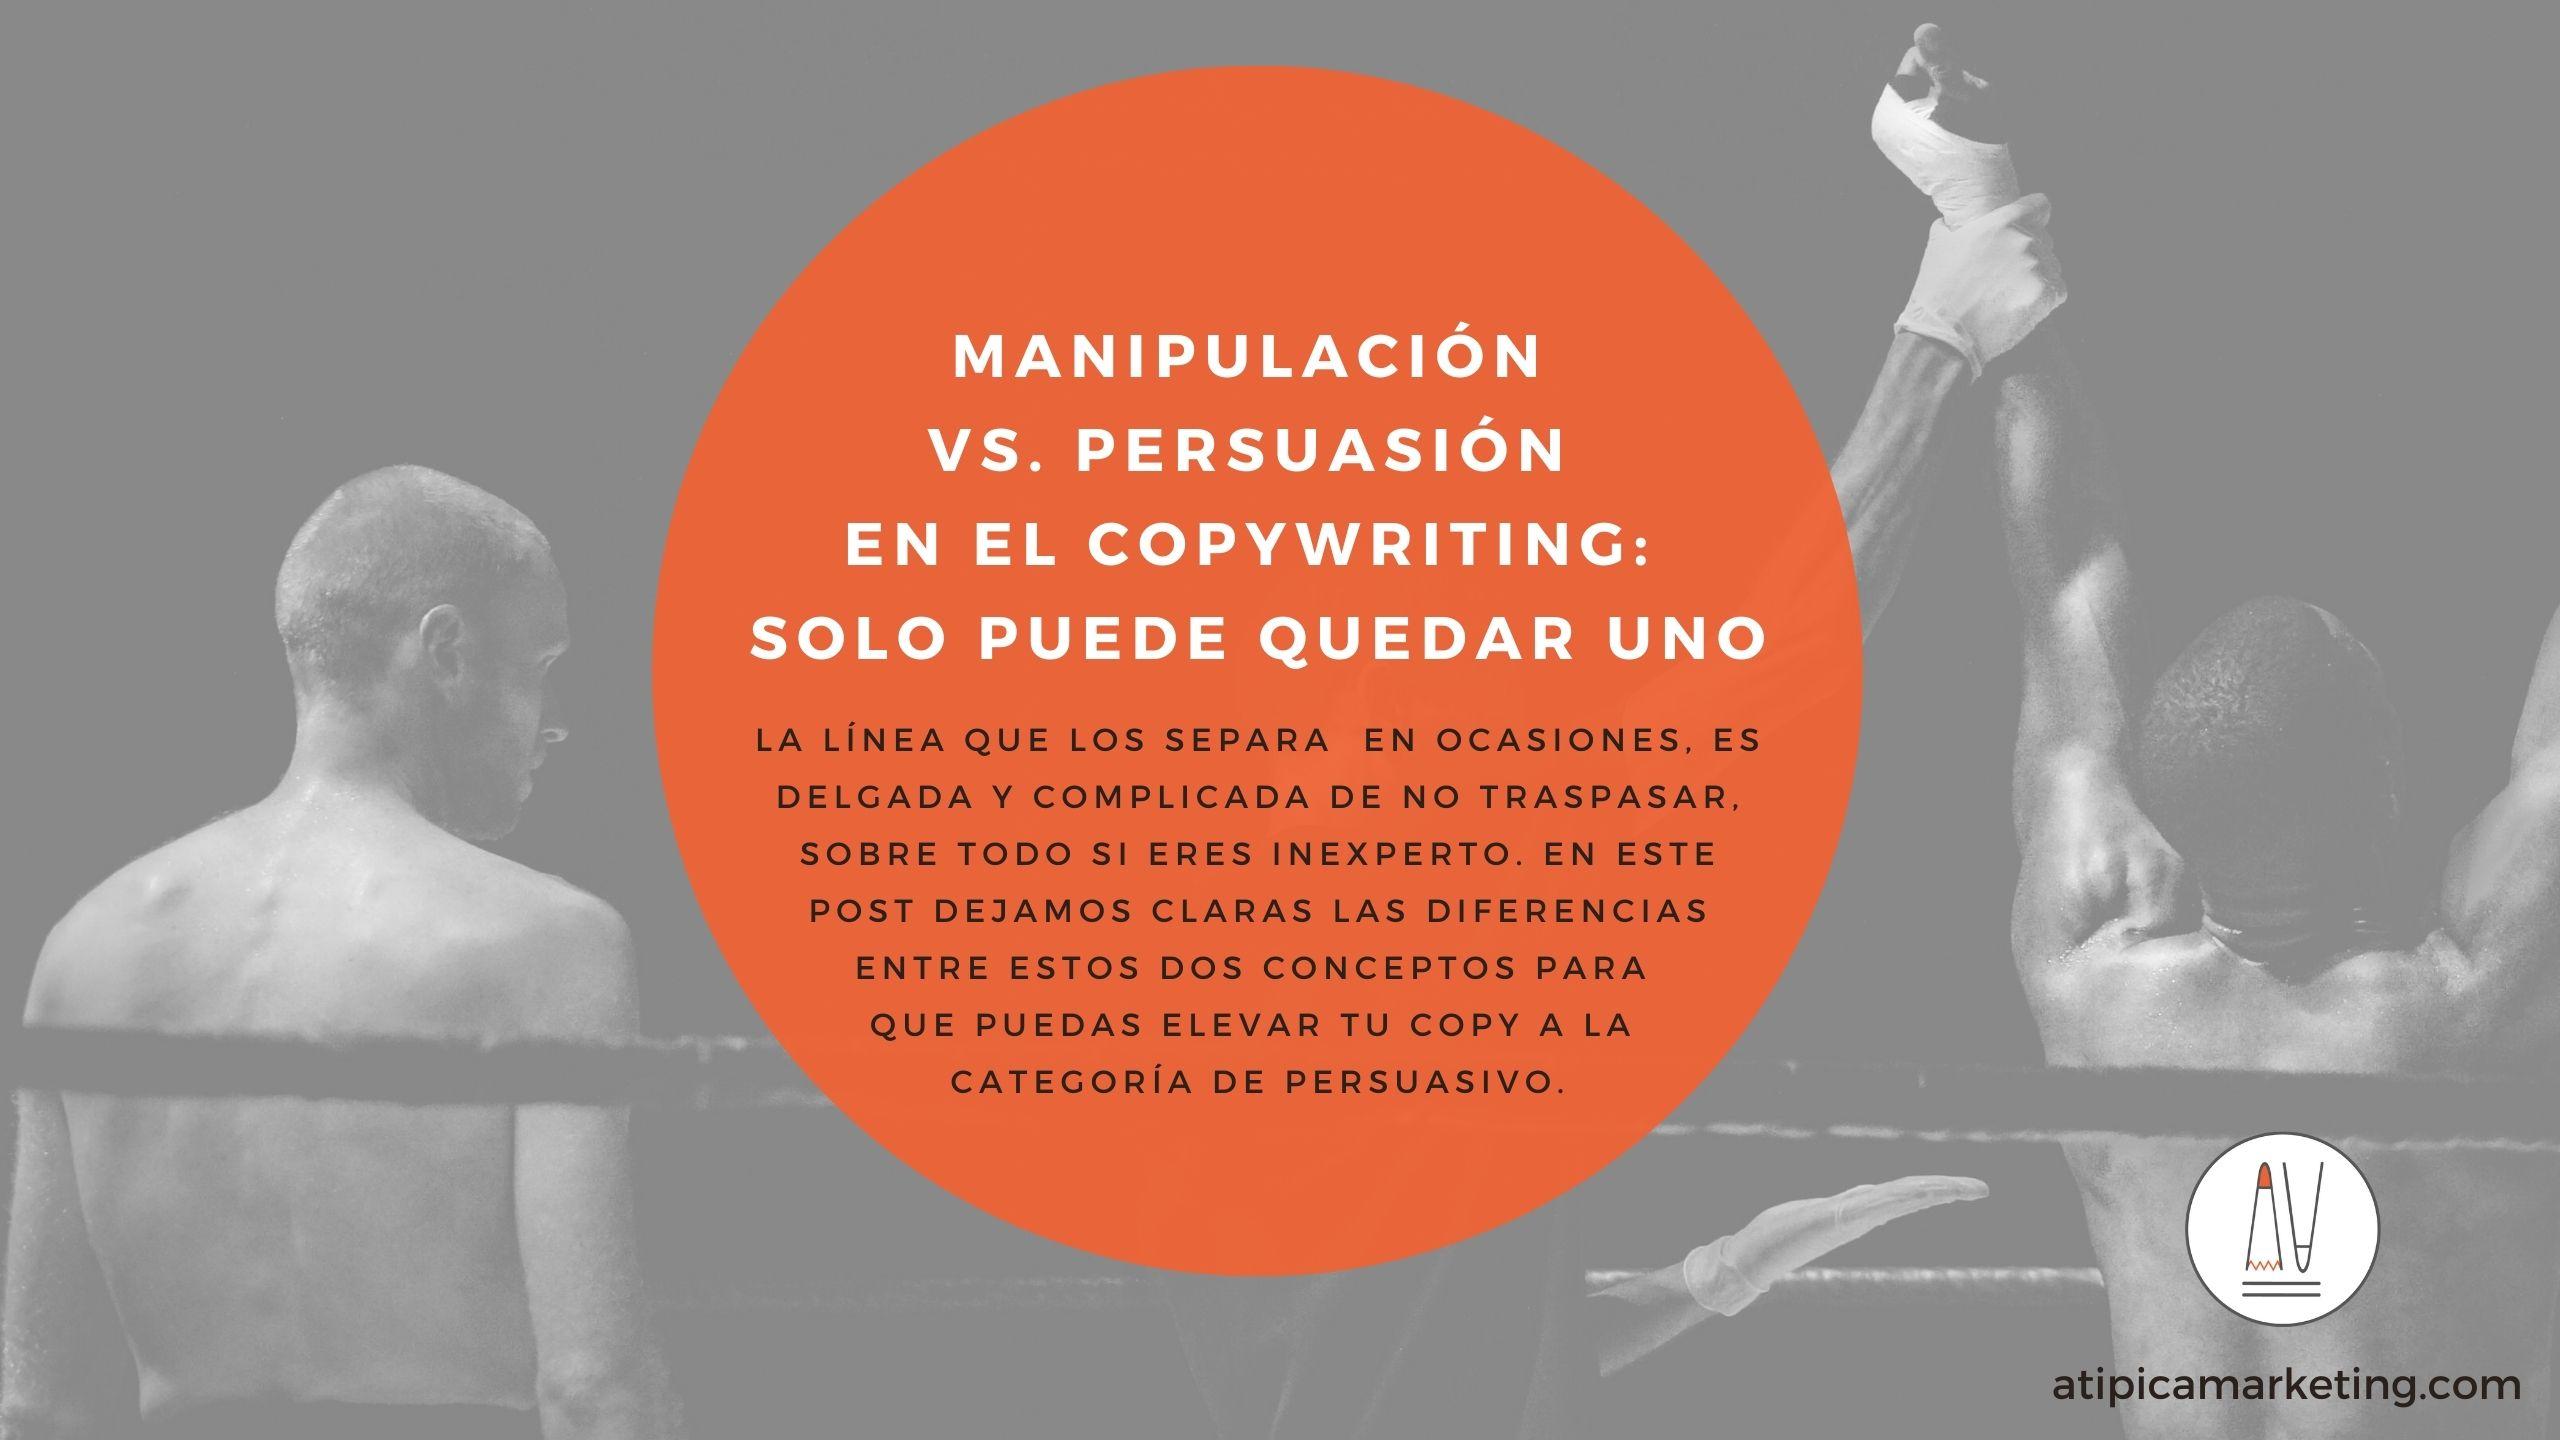 Manipulación vs Persuasión